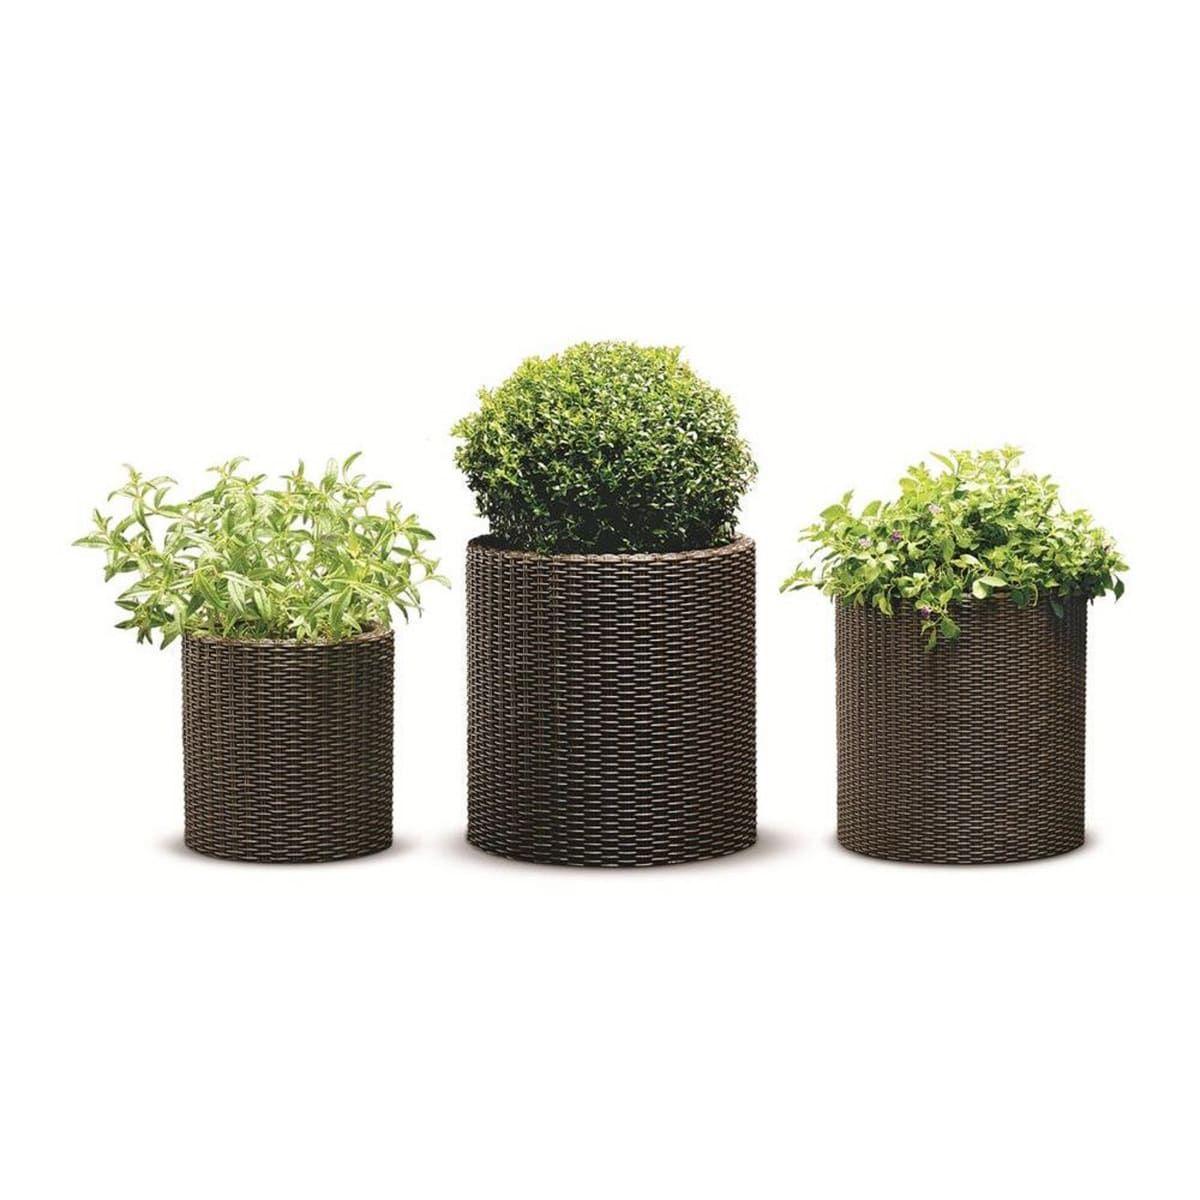 Keter Brown Plastic Resin Rattan Round Cylinder 3 Piece Garden